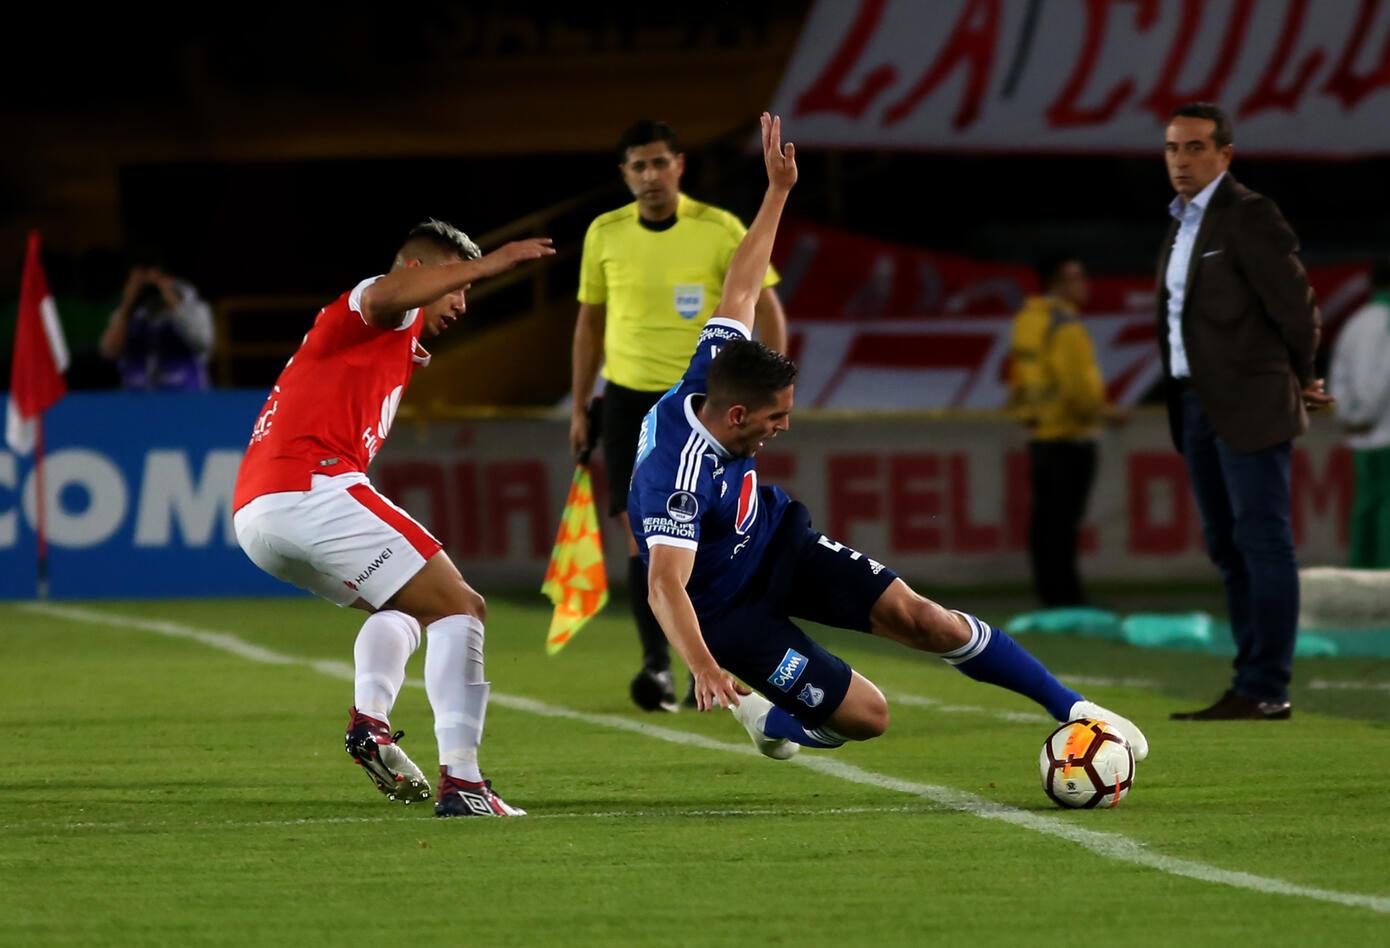 Santa Fe Vs Millonarios · Copa Sudamericana 2018